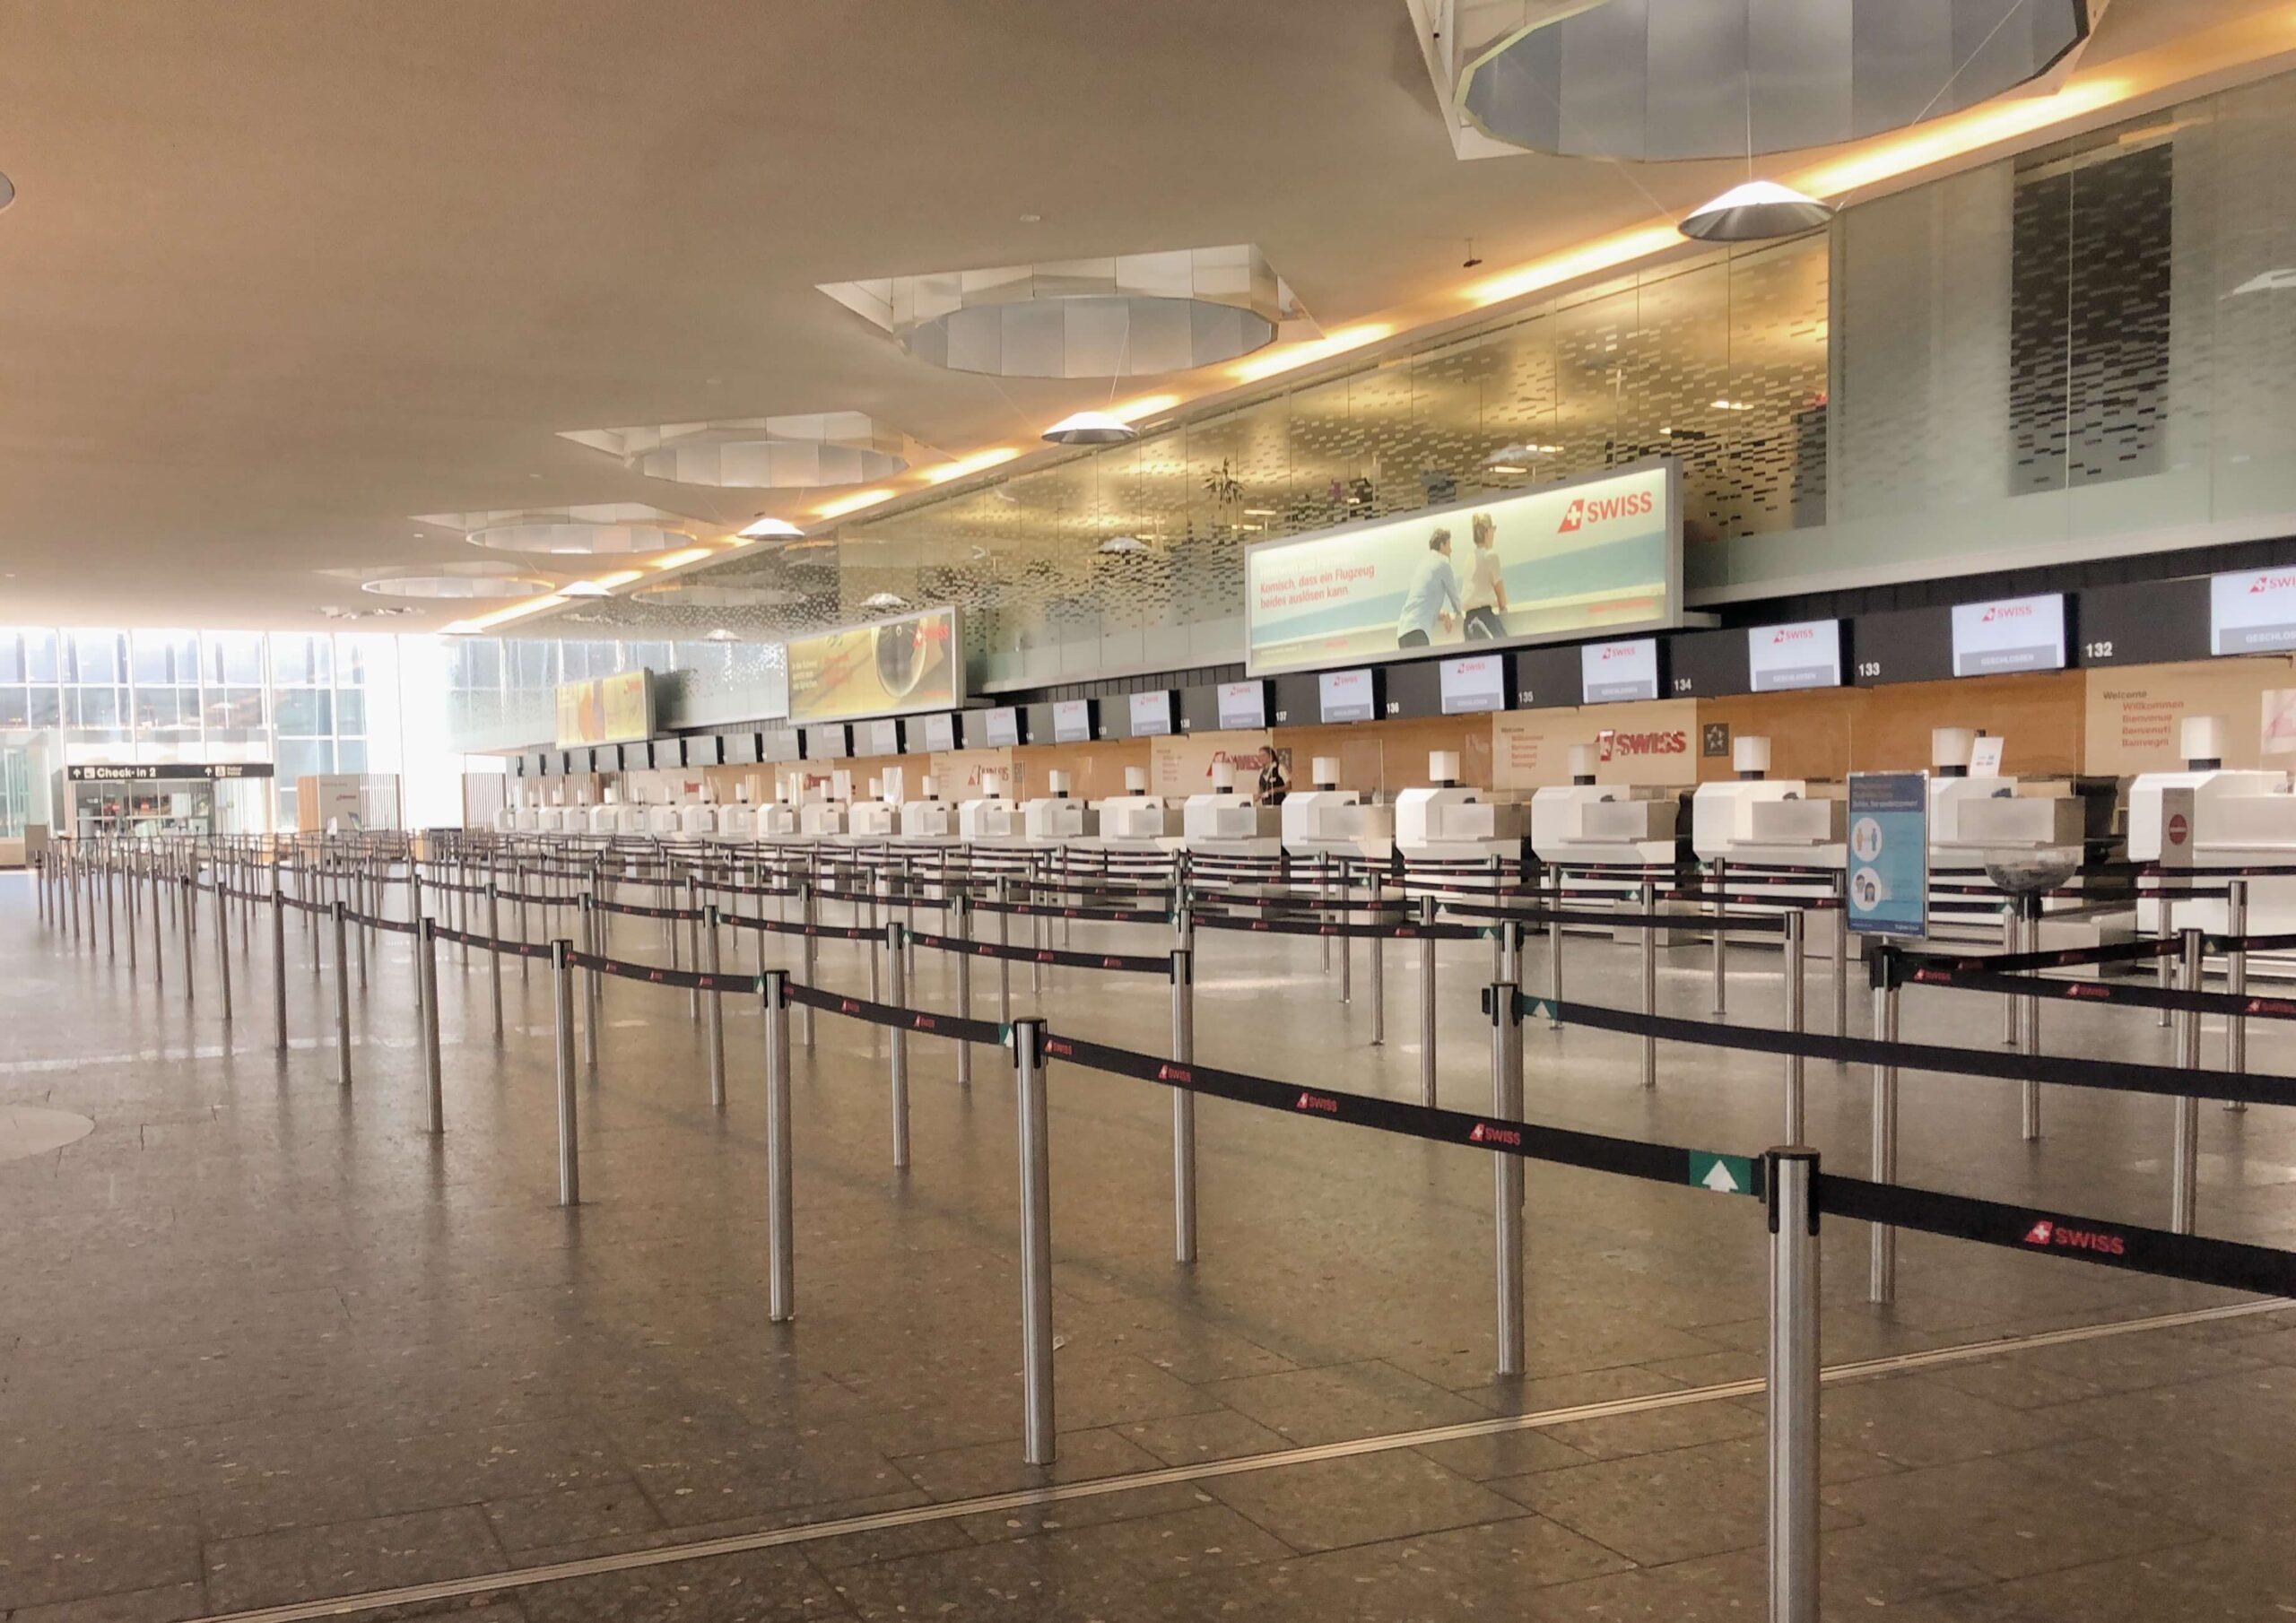 Reisen nach Lockdown leere Abflughalle Airport Zürich